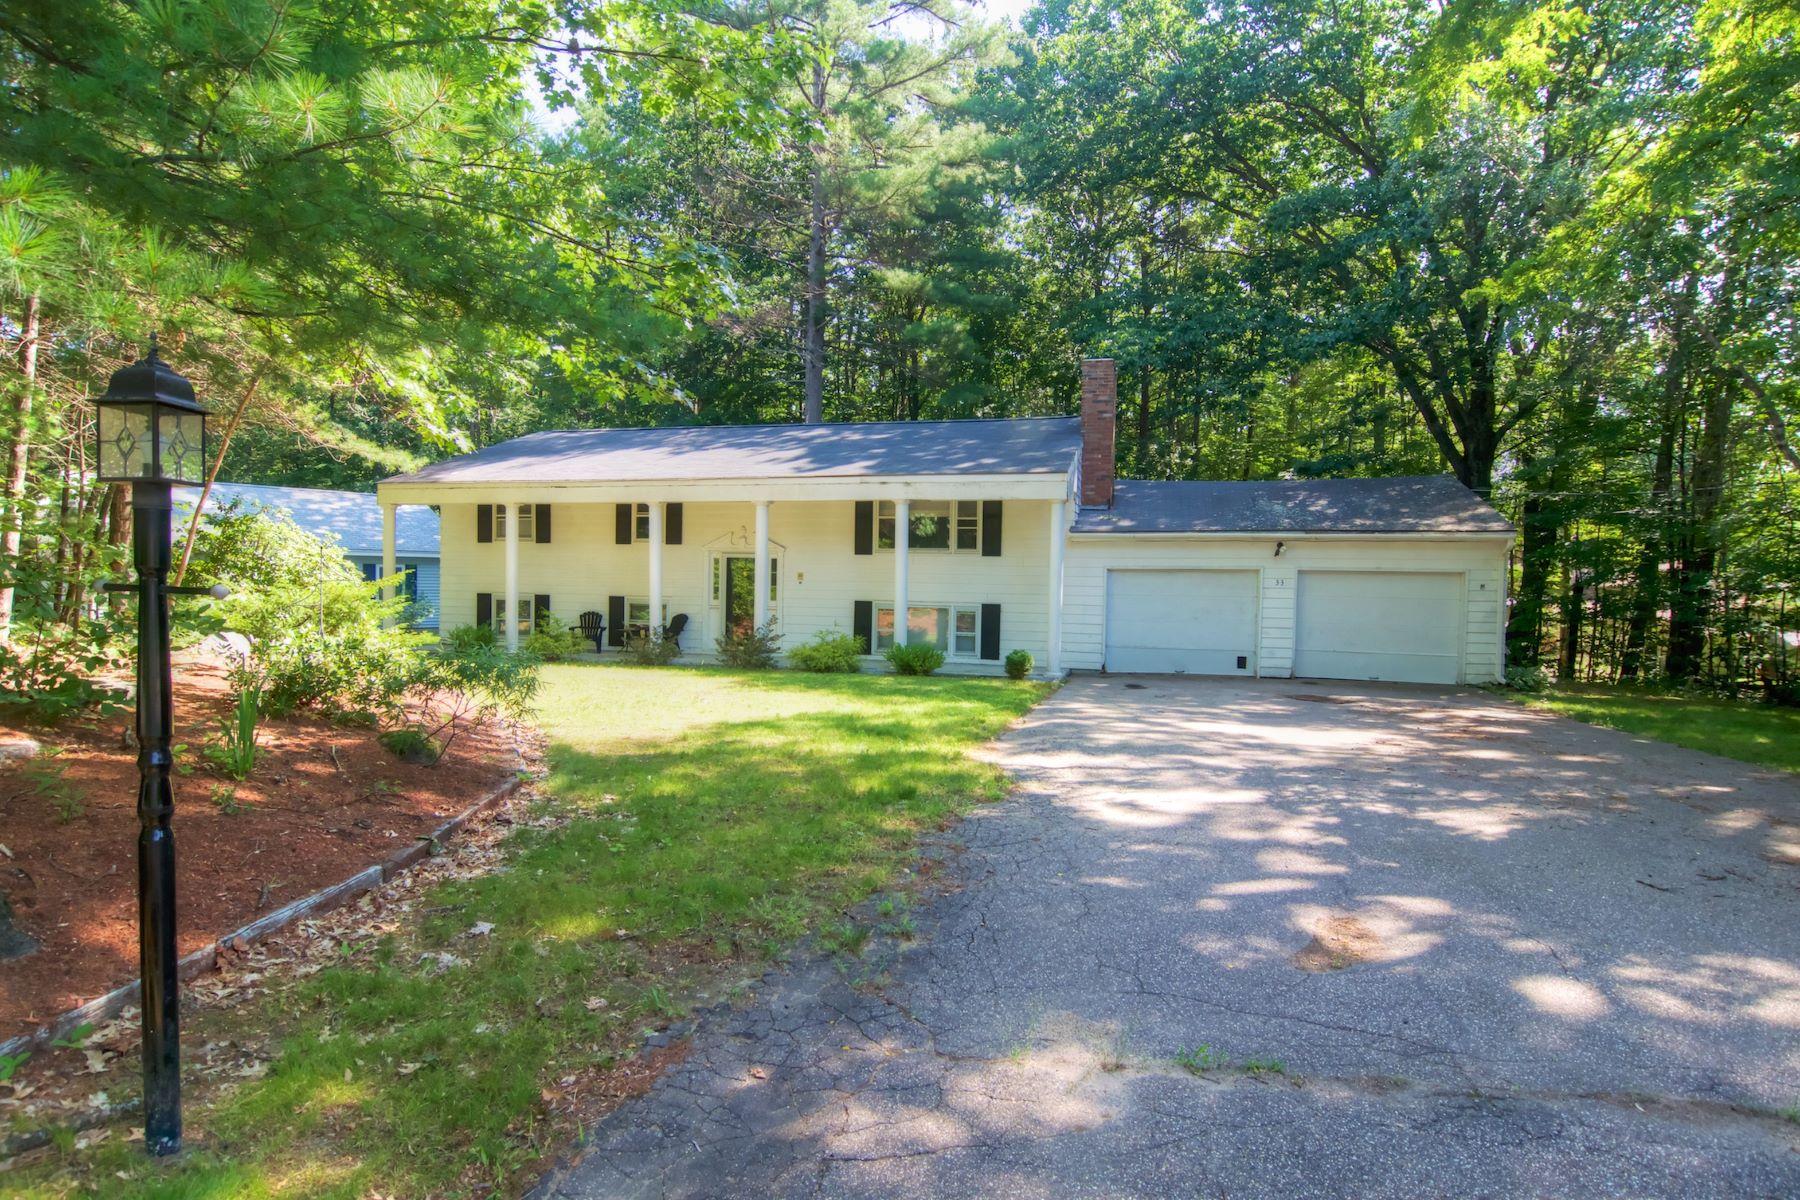 Частный односемейный дом для того Продажа на 33 Woodvale, Laconia Laconia, Нью-Гэмпшир, 03246 Соединенные Штаты